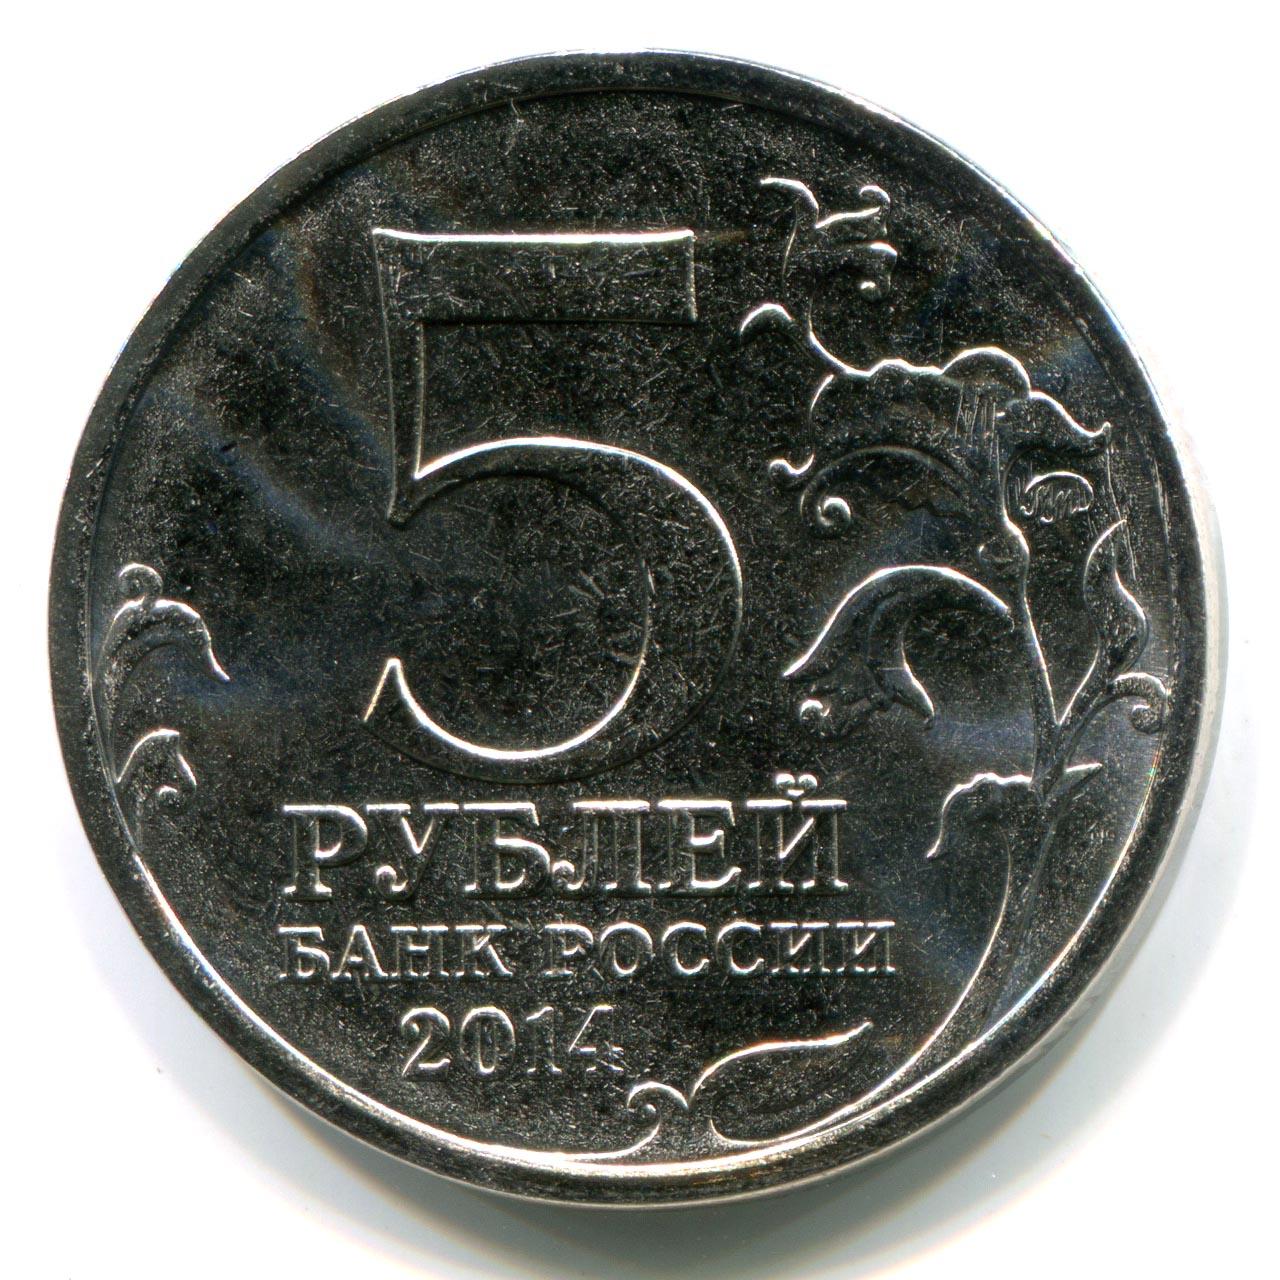 Цена монеты пражская операция сумма номера купюры 32